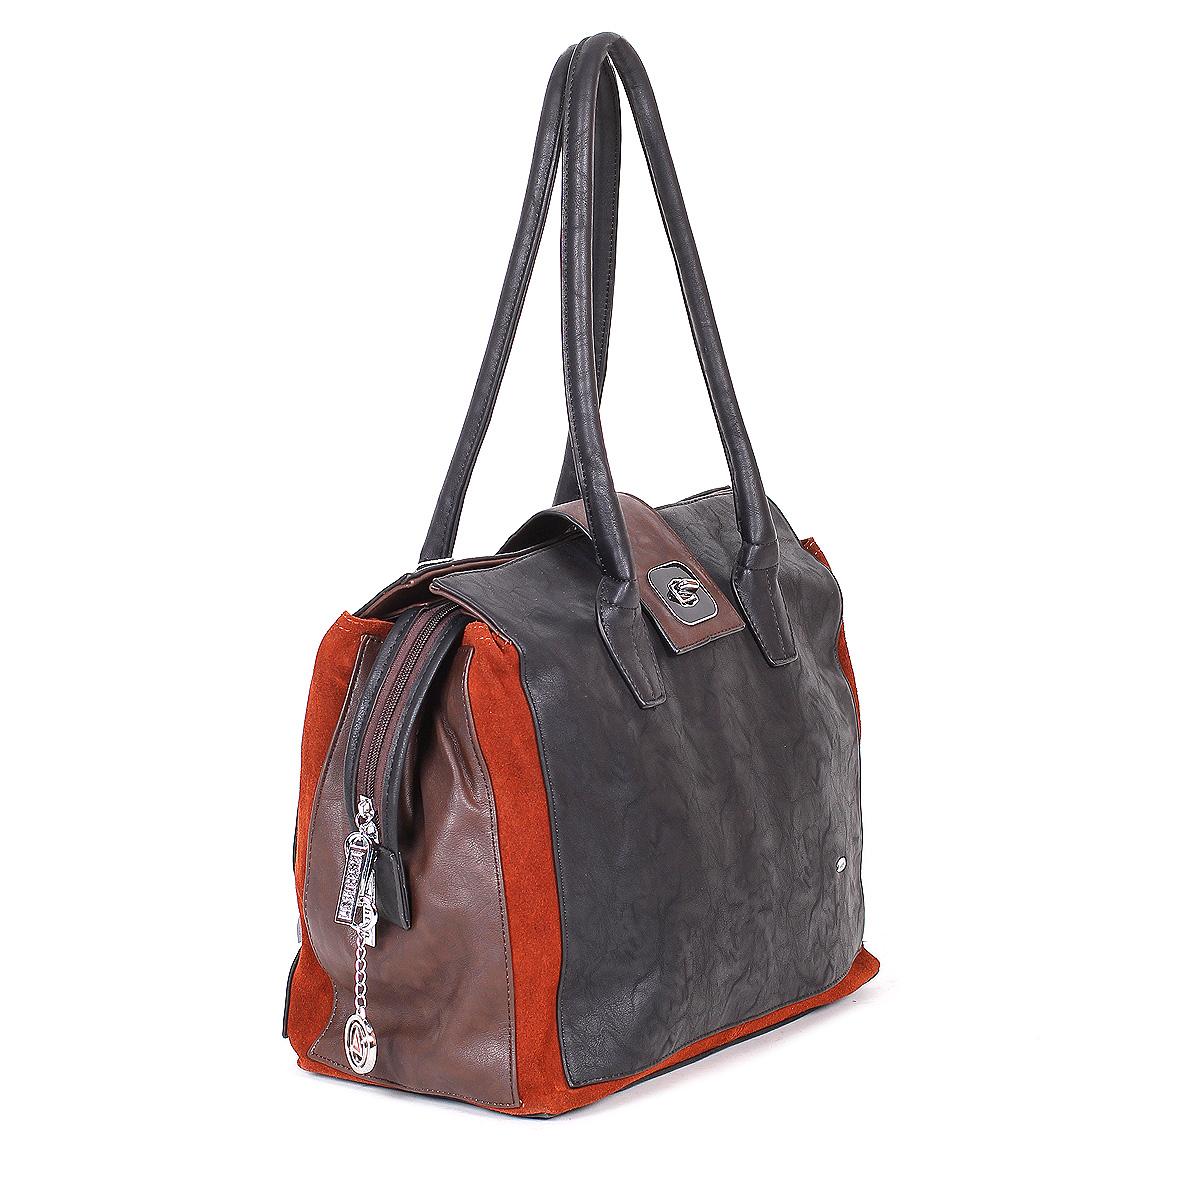 Сумка женская Leighton, цвет: черный, коричневый. 590109-6090 ( 590109-6090/6093/4 )